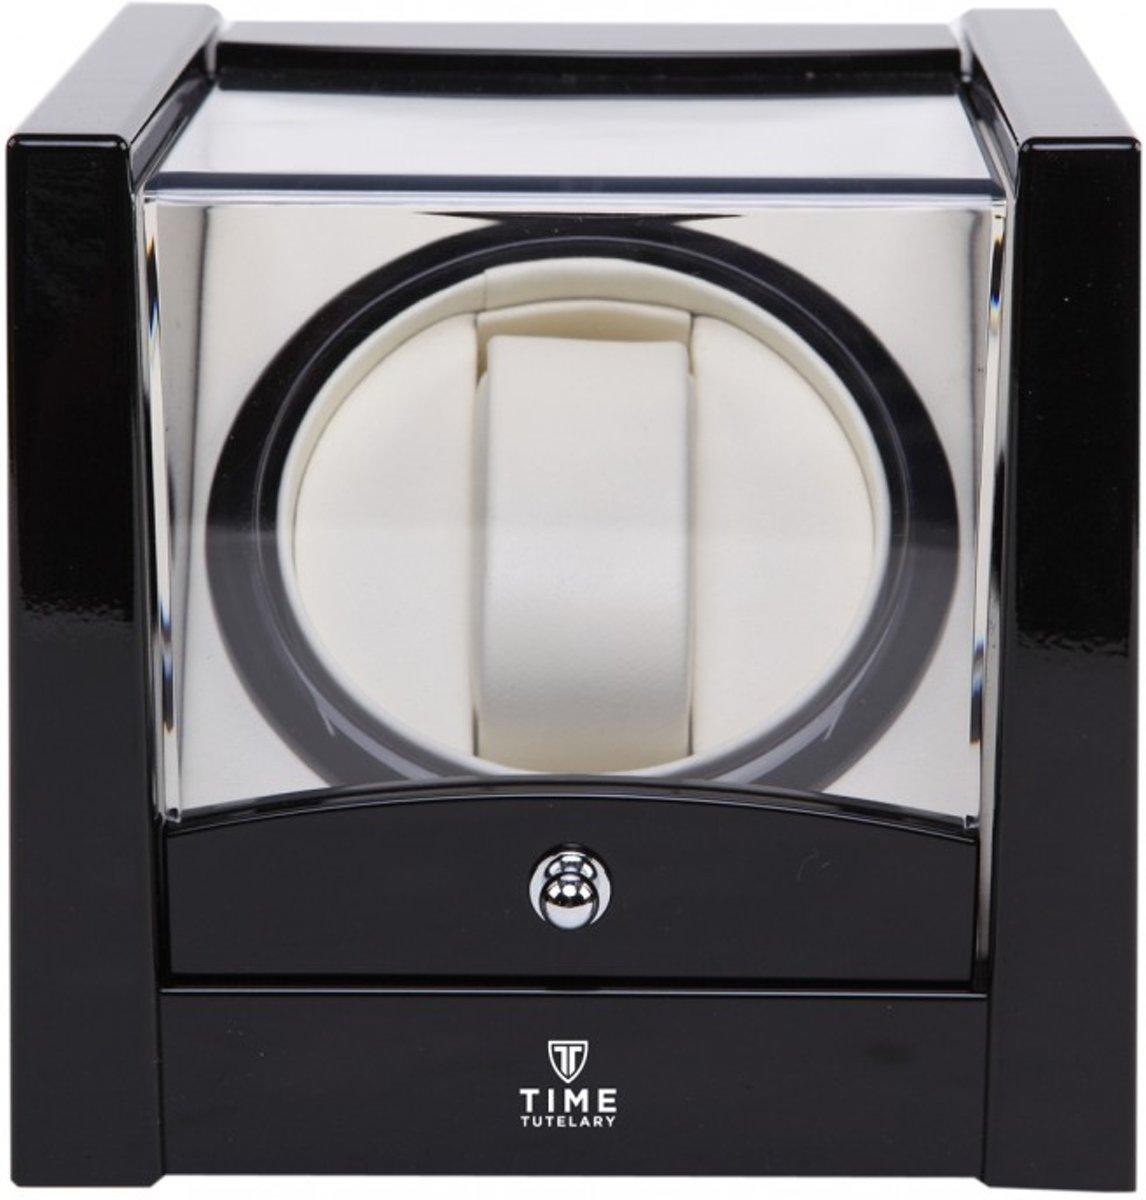 Time Tutelary Watchwinder 1 Horloge - Horloge Opwinder - Hoogglans Zwart - Automatisch kopen